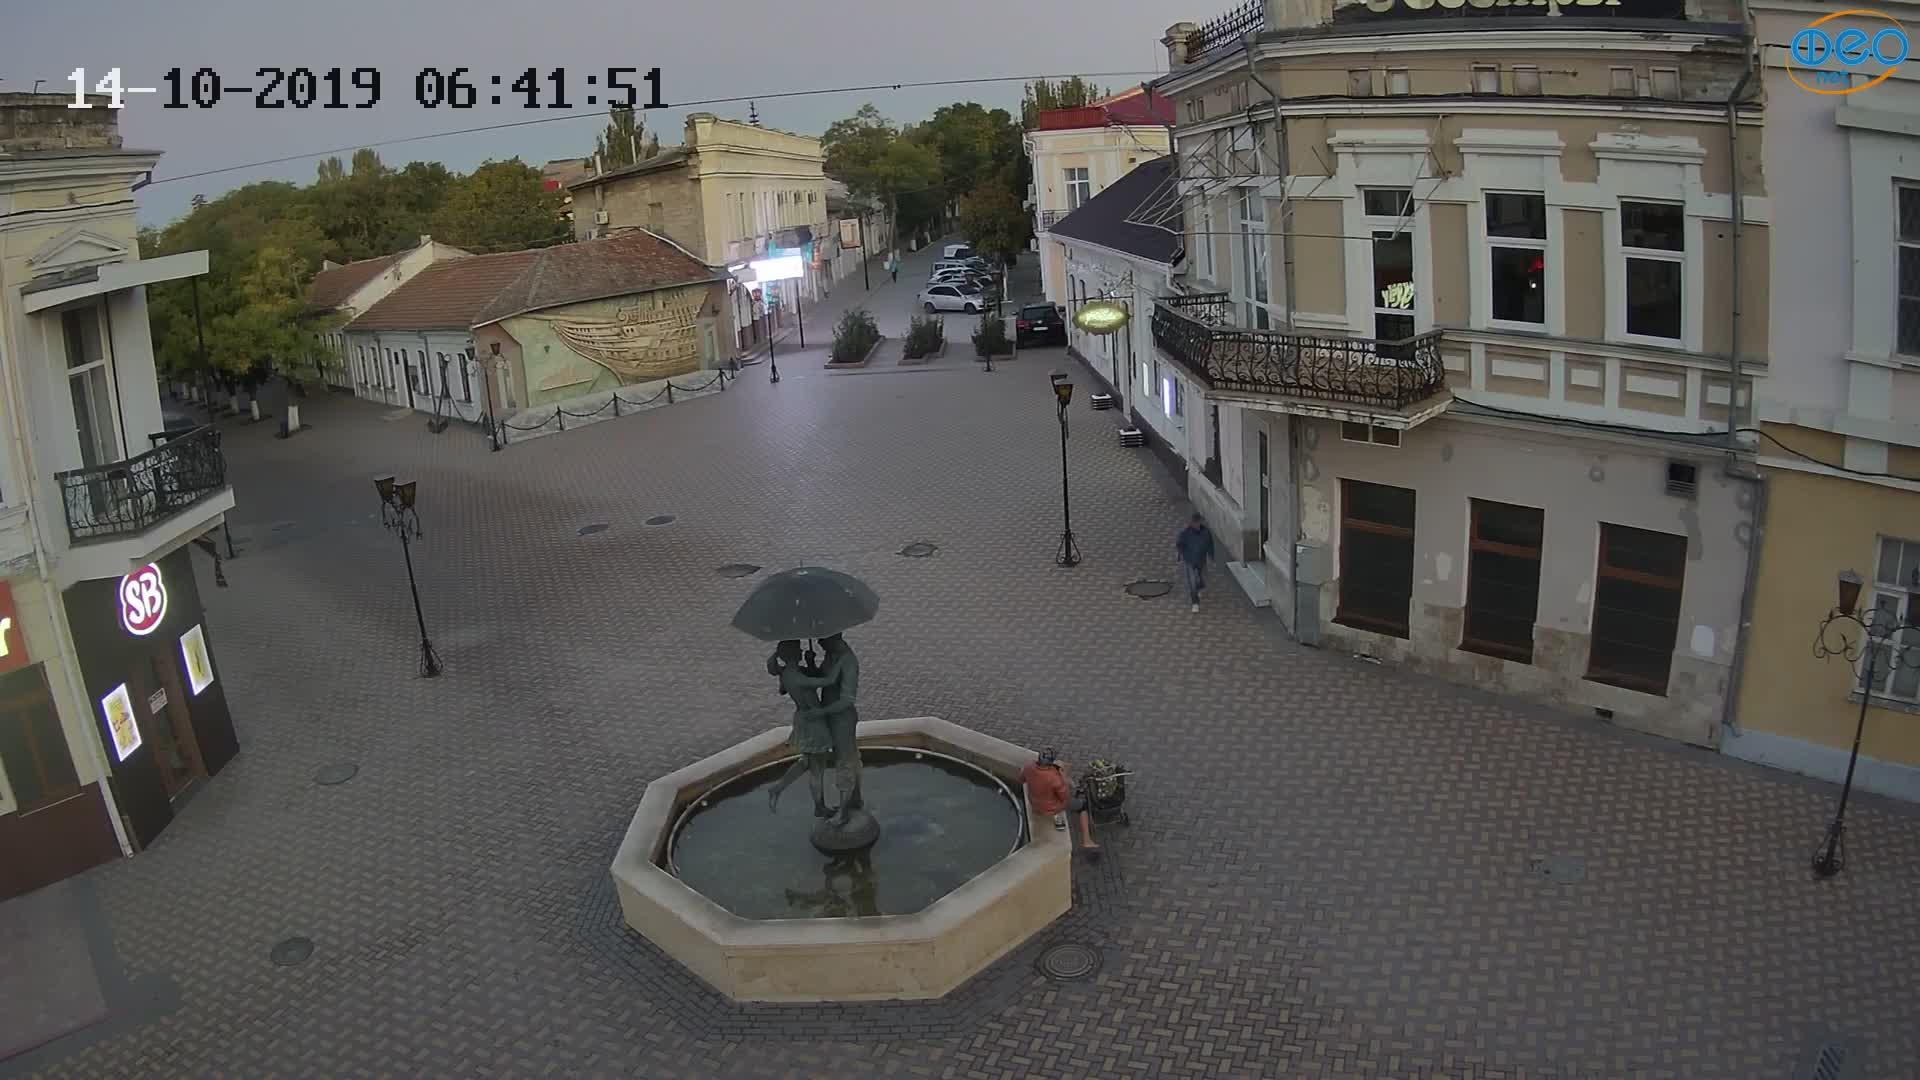 Веб-камеры Феодосии, Панно Бригантина (Камера со звуком.), 2019-10-14 06:43:11